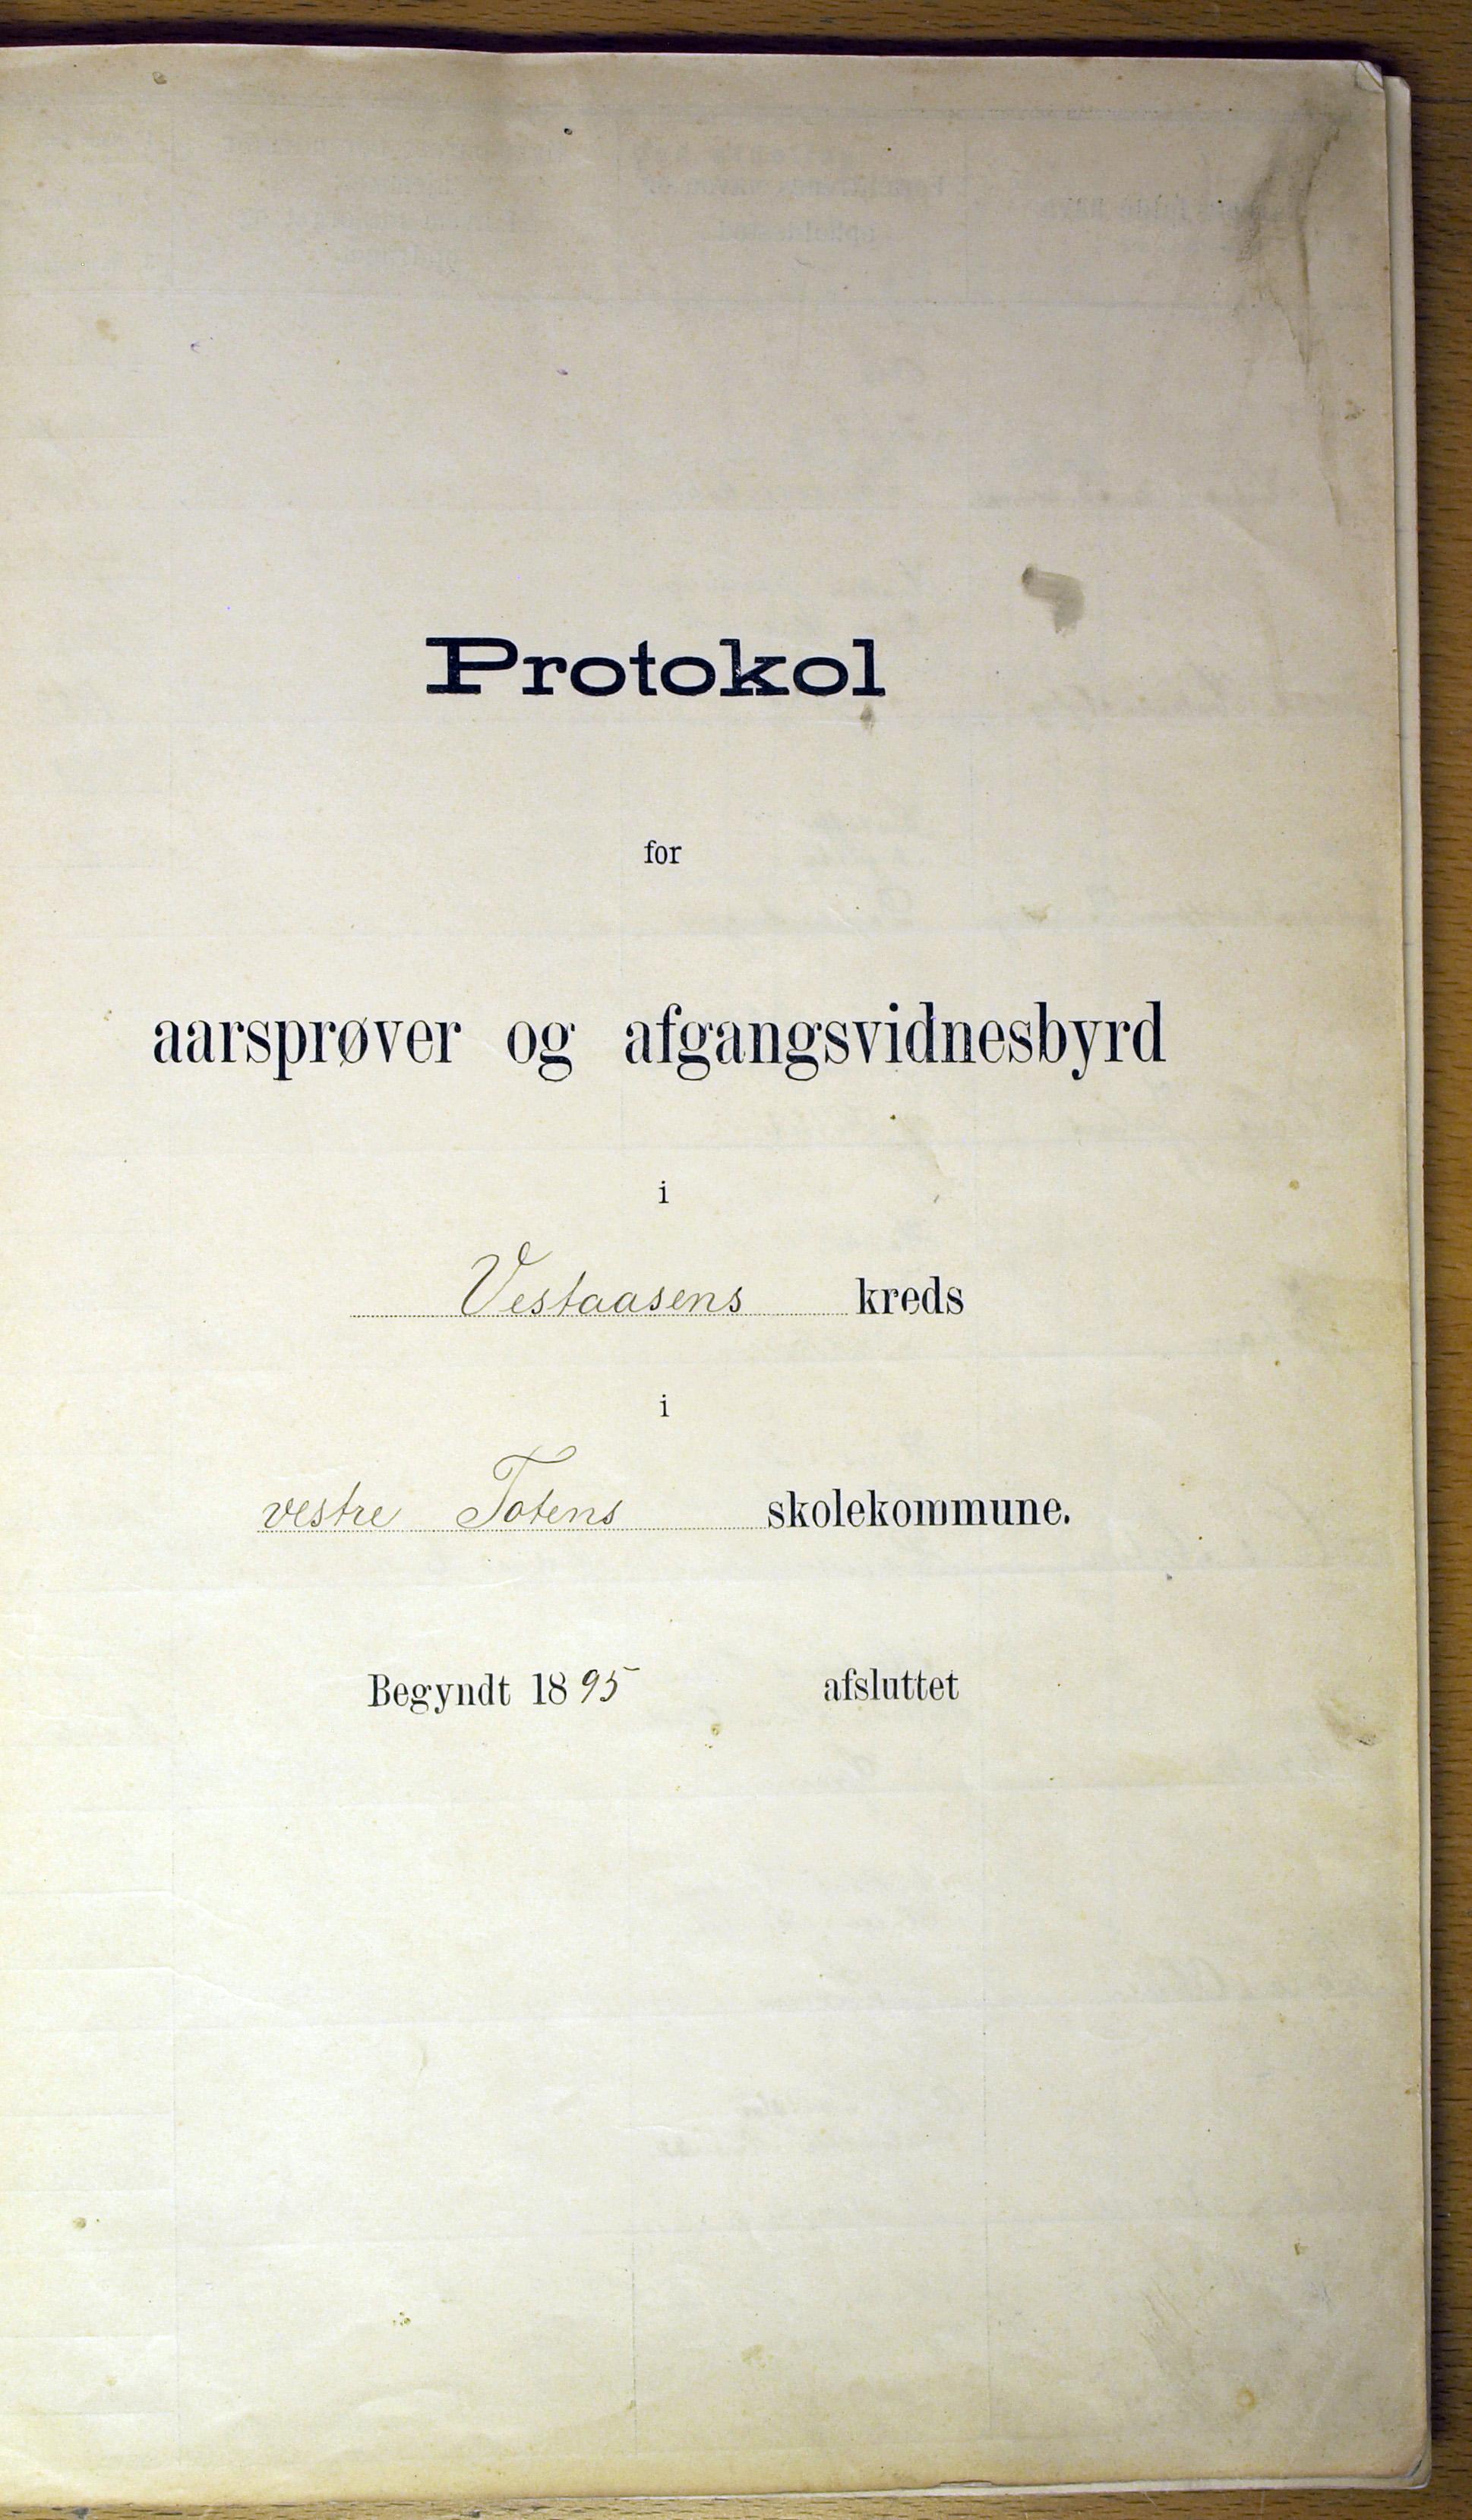 KVT, Vestre Toten kommunearkiv*, -: Protokoll for årsprøver og avgangsvitnesbyrd, Veståsen krets i Vestre Toten skolekommune, 1895-1926